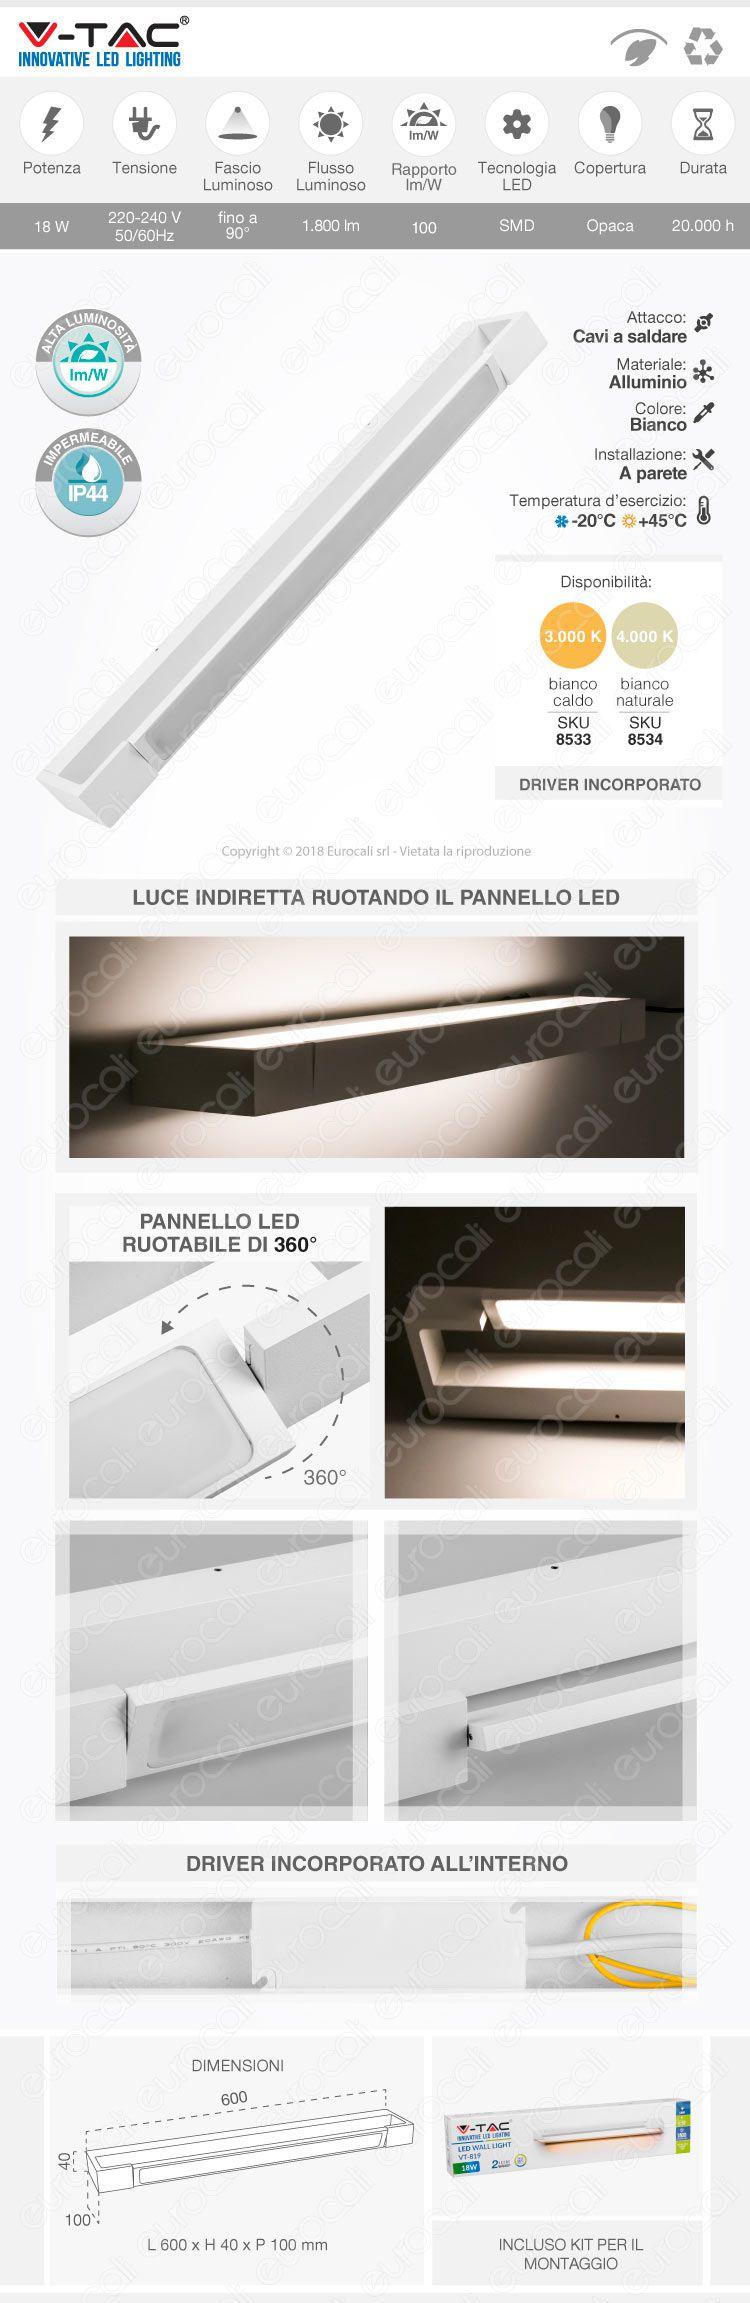 V-Tac VT-819 Lampada LED 18W da Muro con Fonte Luminosa Ruotabile di 360° Colore Bianco IP44 - SKU 8533 / 8534